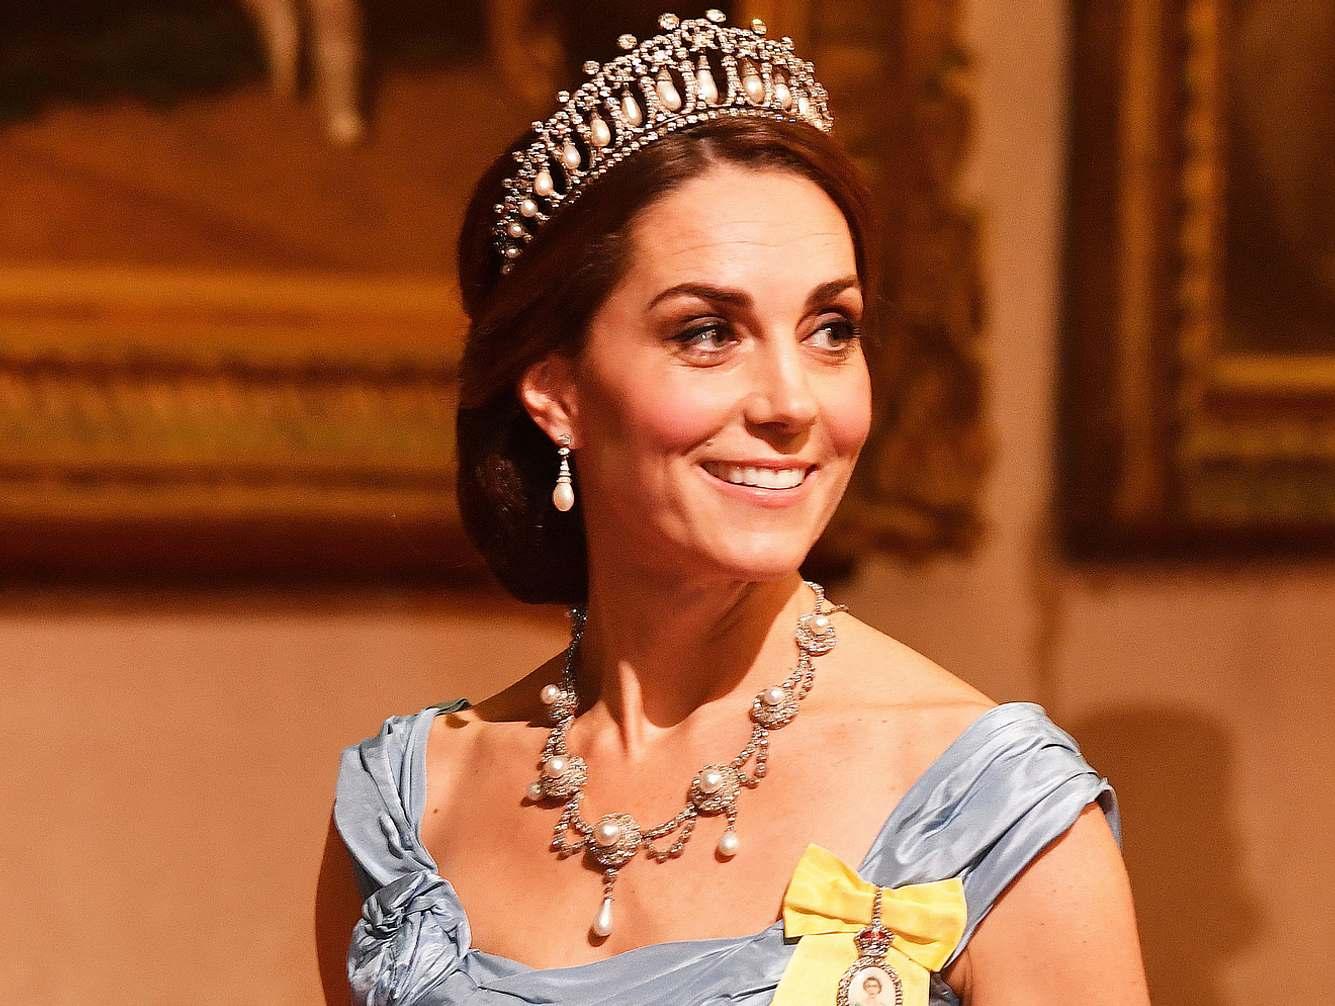 Herzogin Kate trägt die Lieblings-Tiara von Prinzessin Diana.